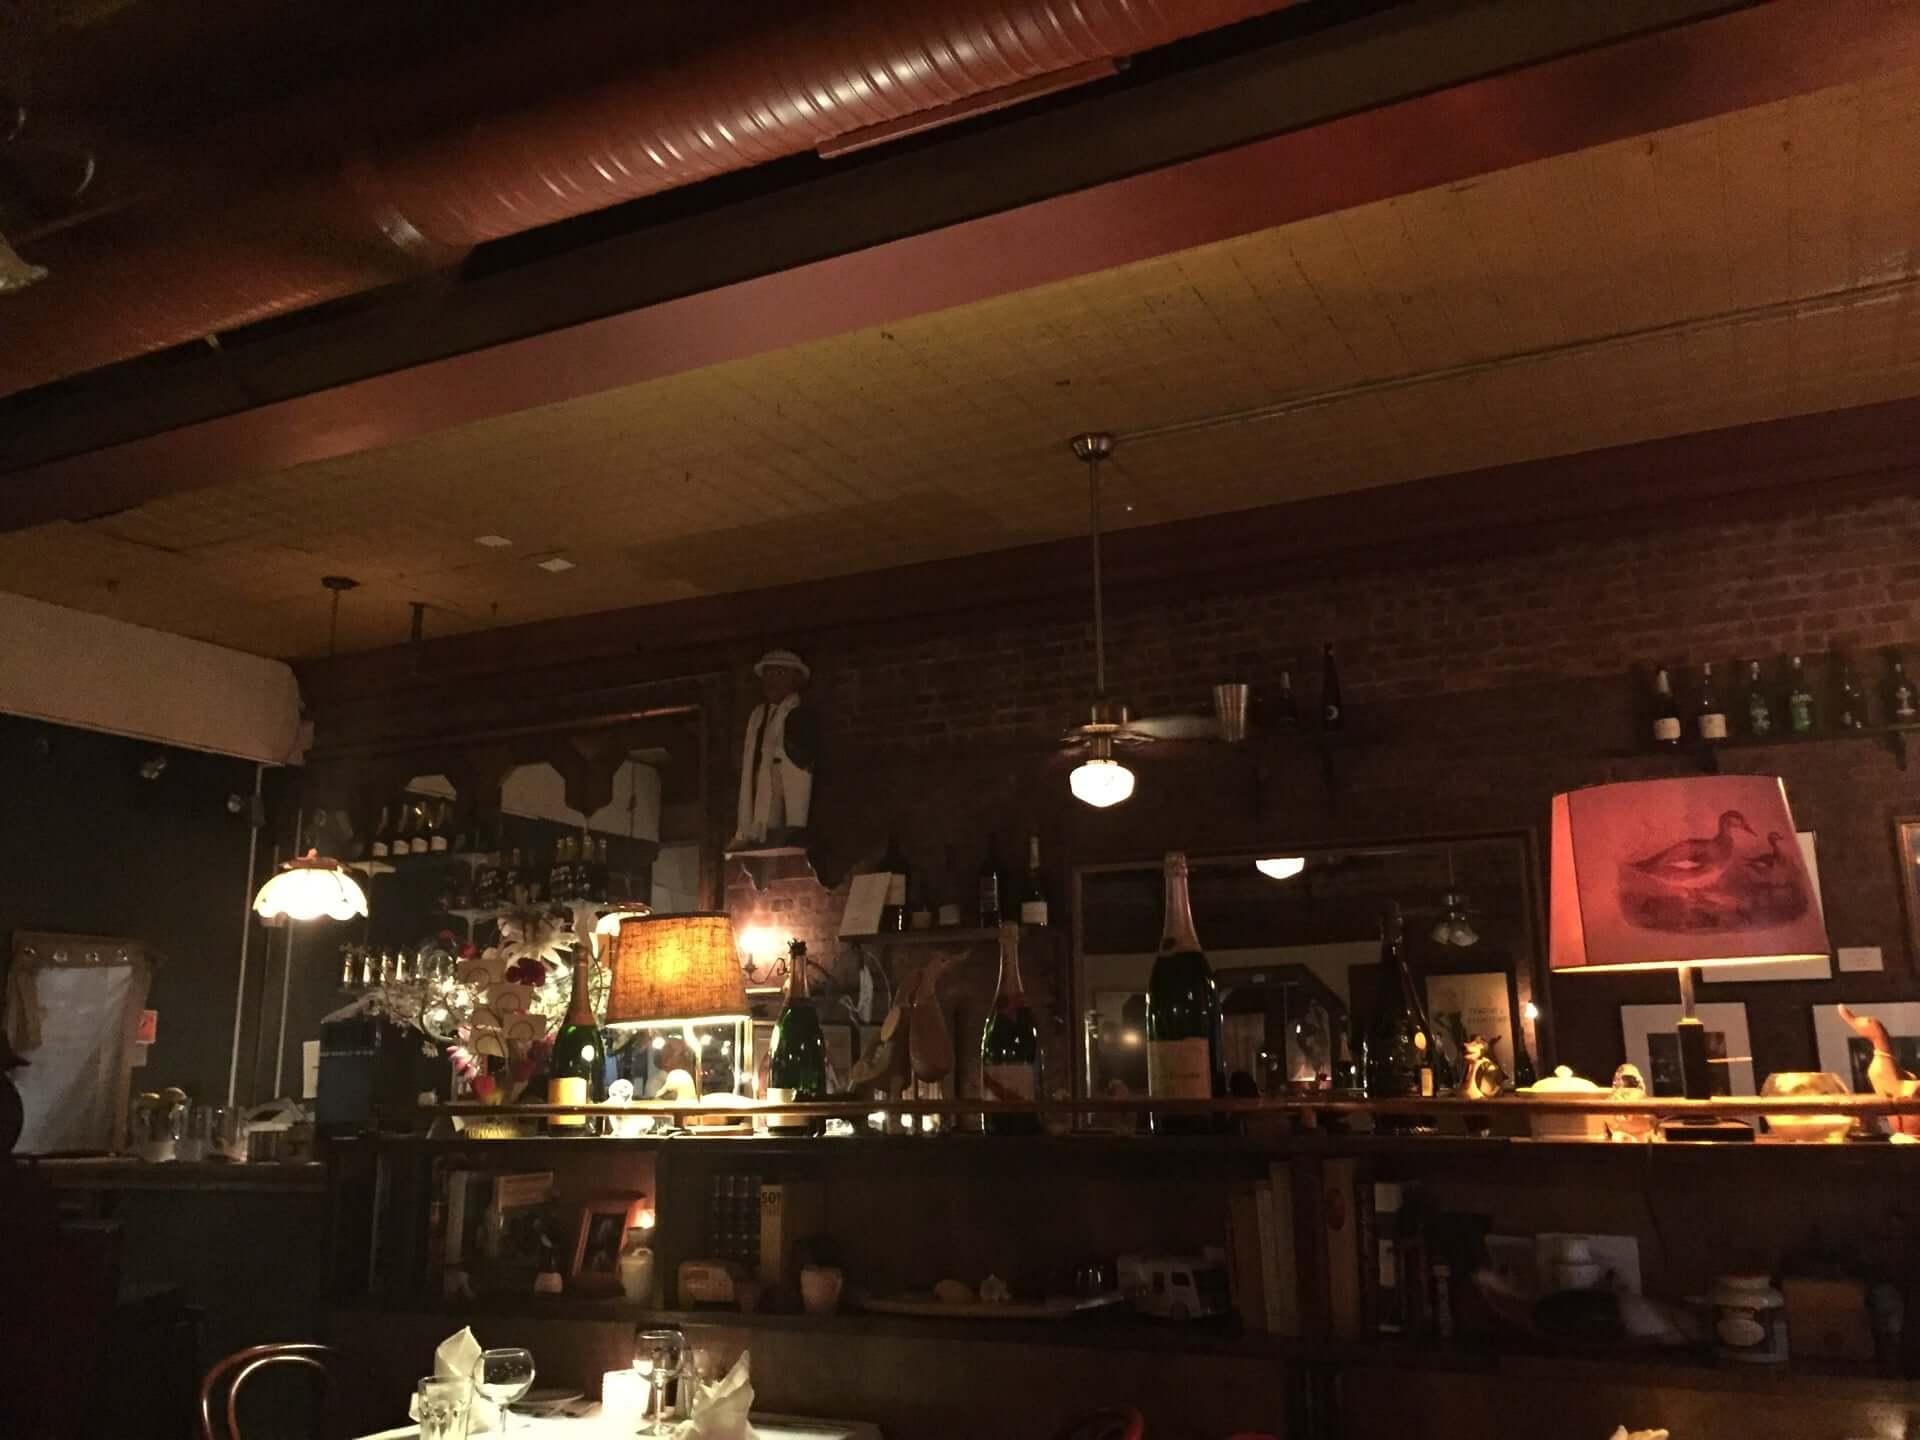 kingston ny restaurants, restaurants in kingston ny, diners in kingston ny, restaurants in kingston, best restaurants hudson valley, boitsons, restaurants near kingston ny, restaurants kingston ny